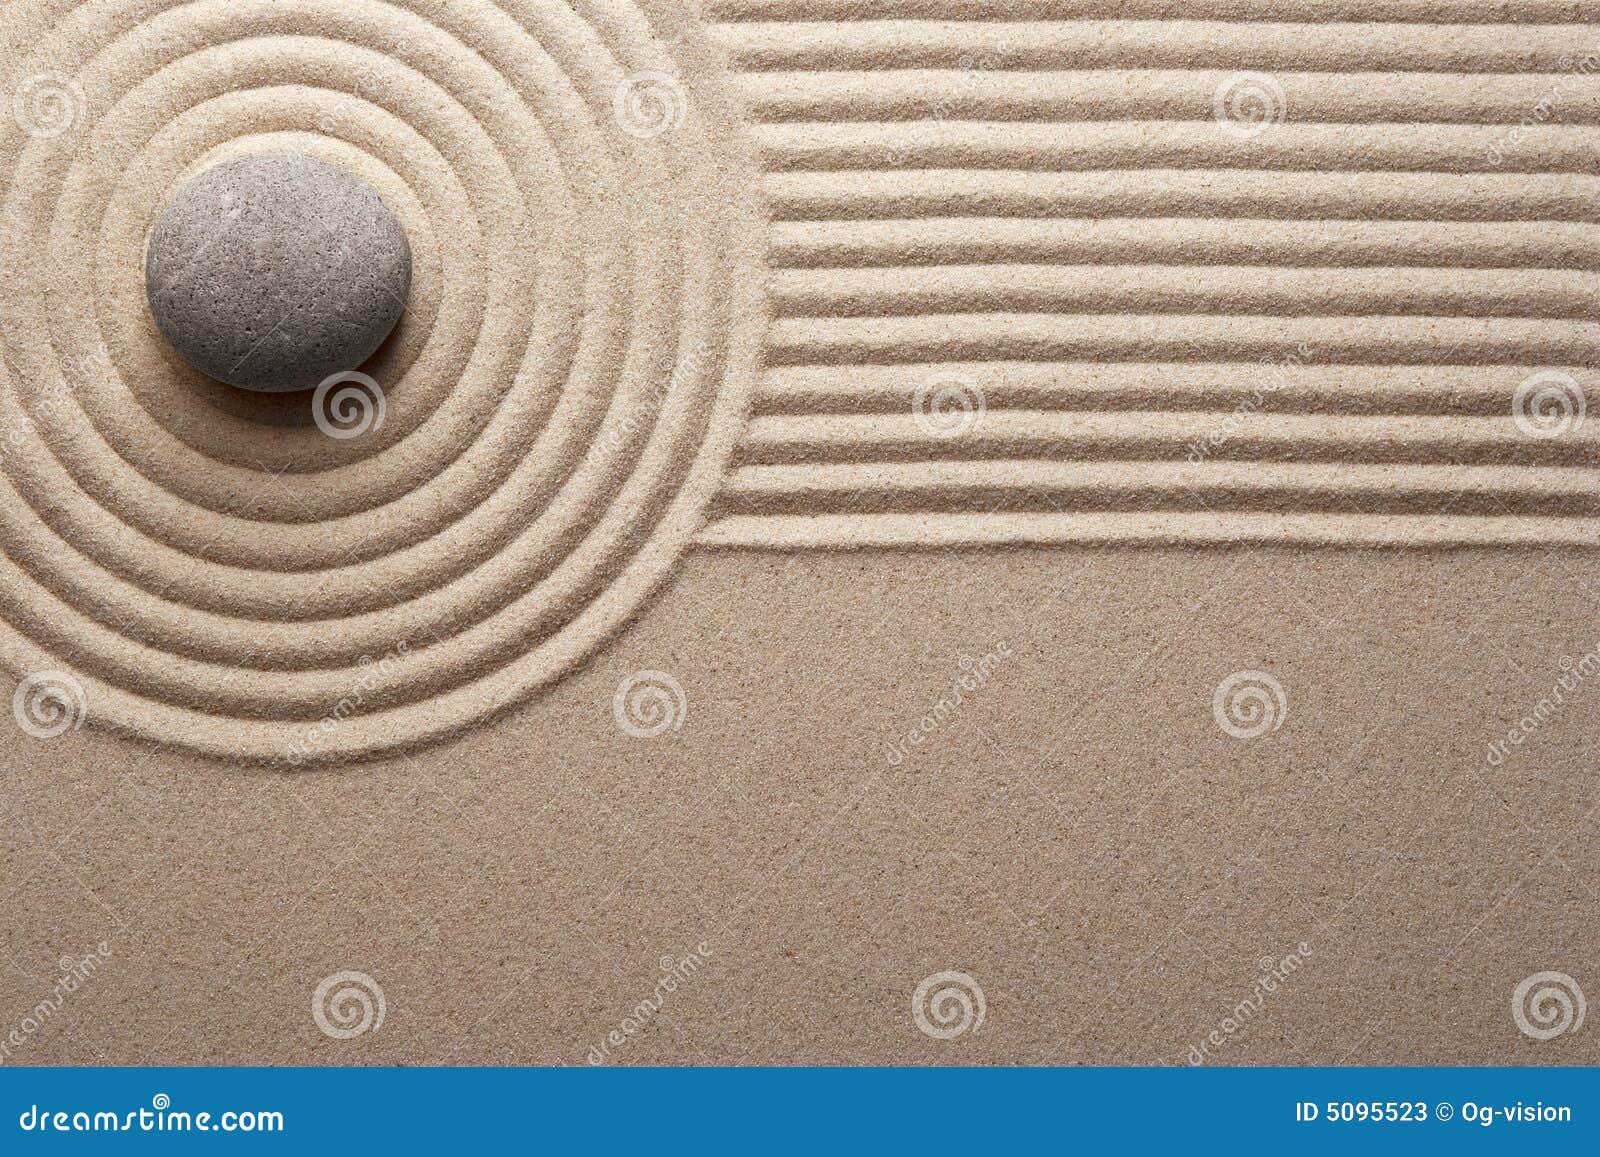 fotosPedra na areia ajuntada Mini jardim de rocha Conceito do zen